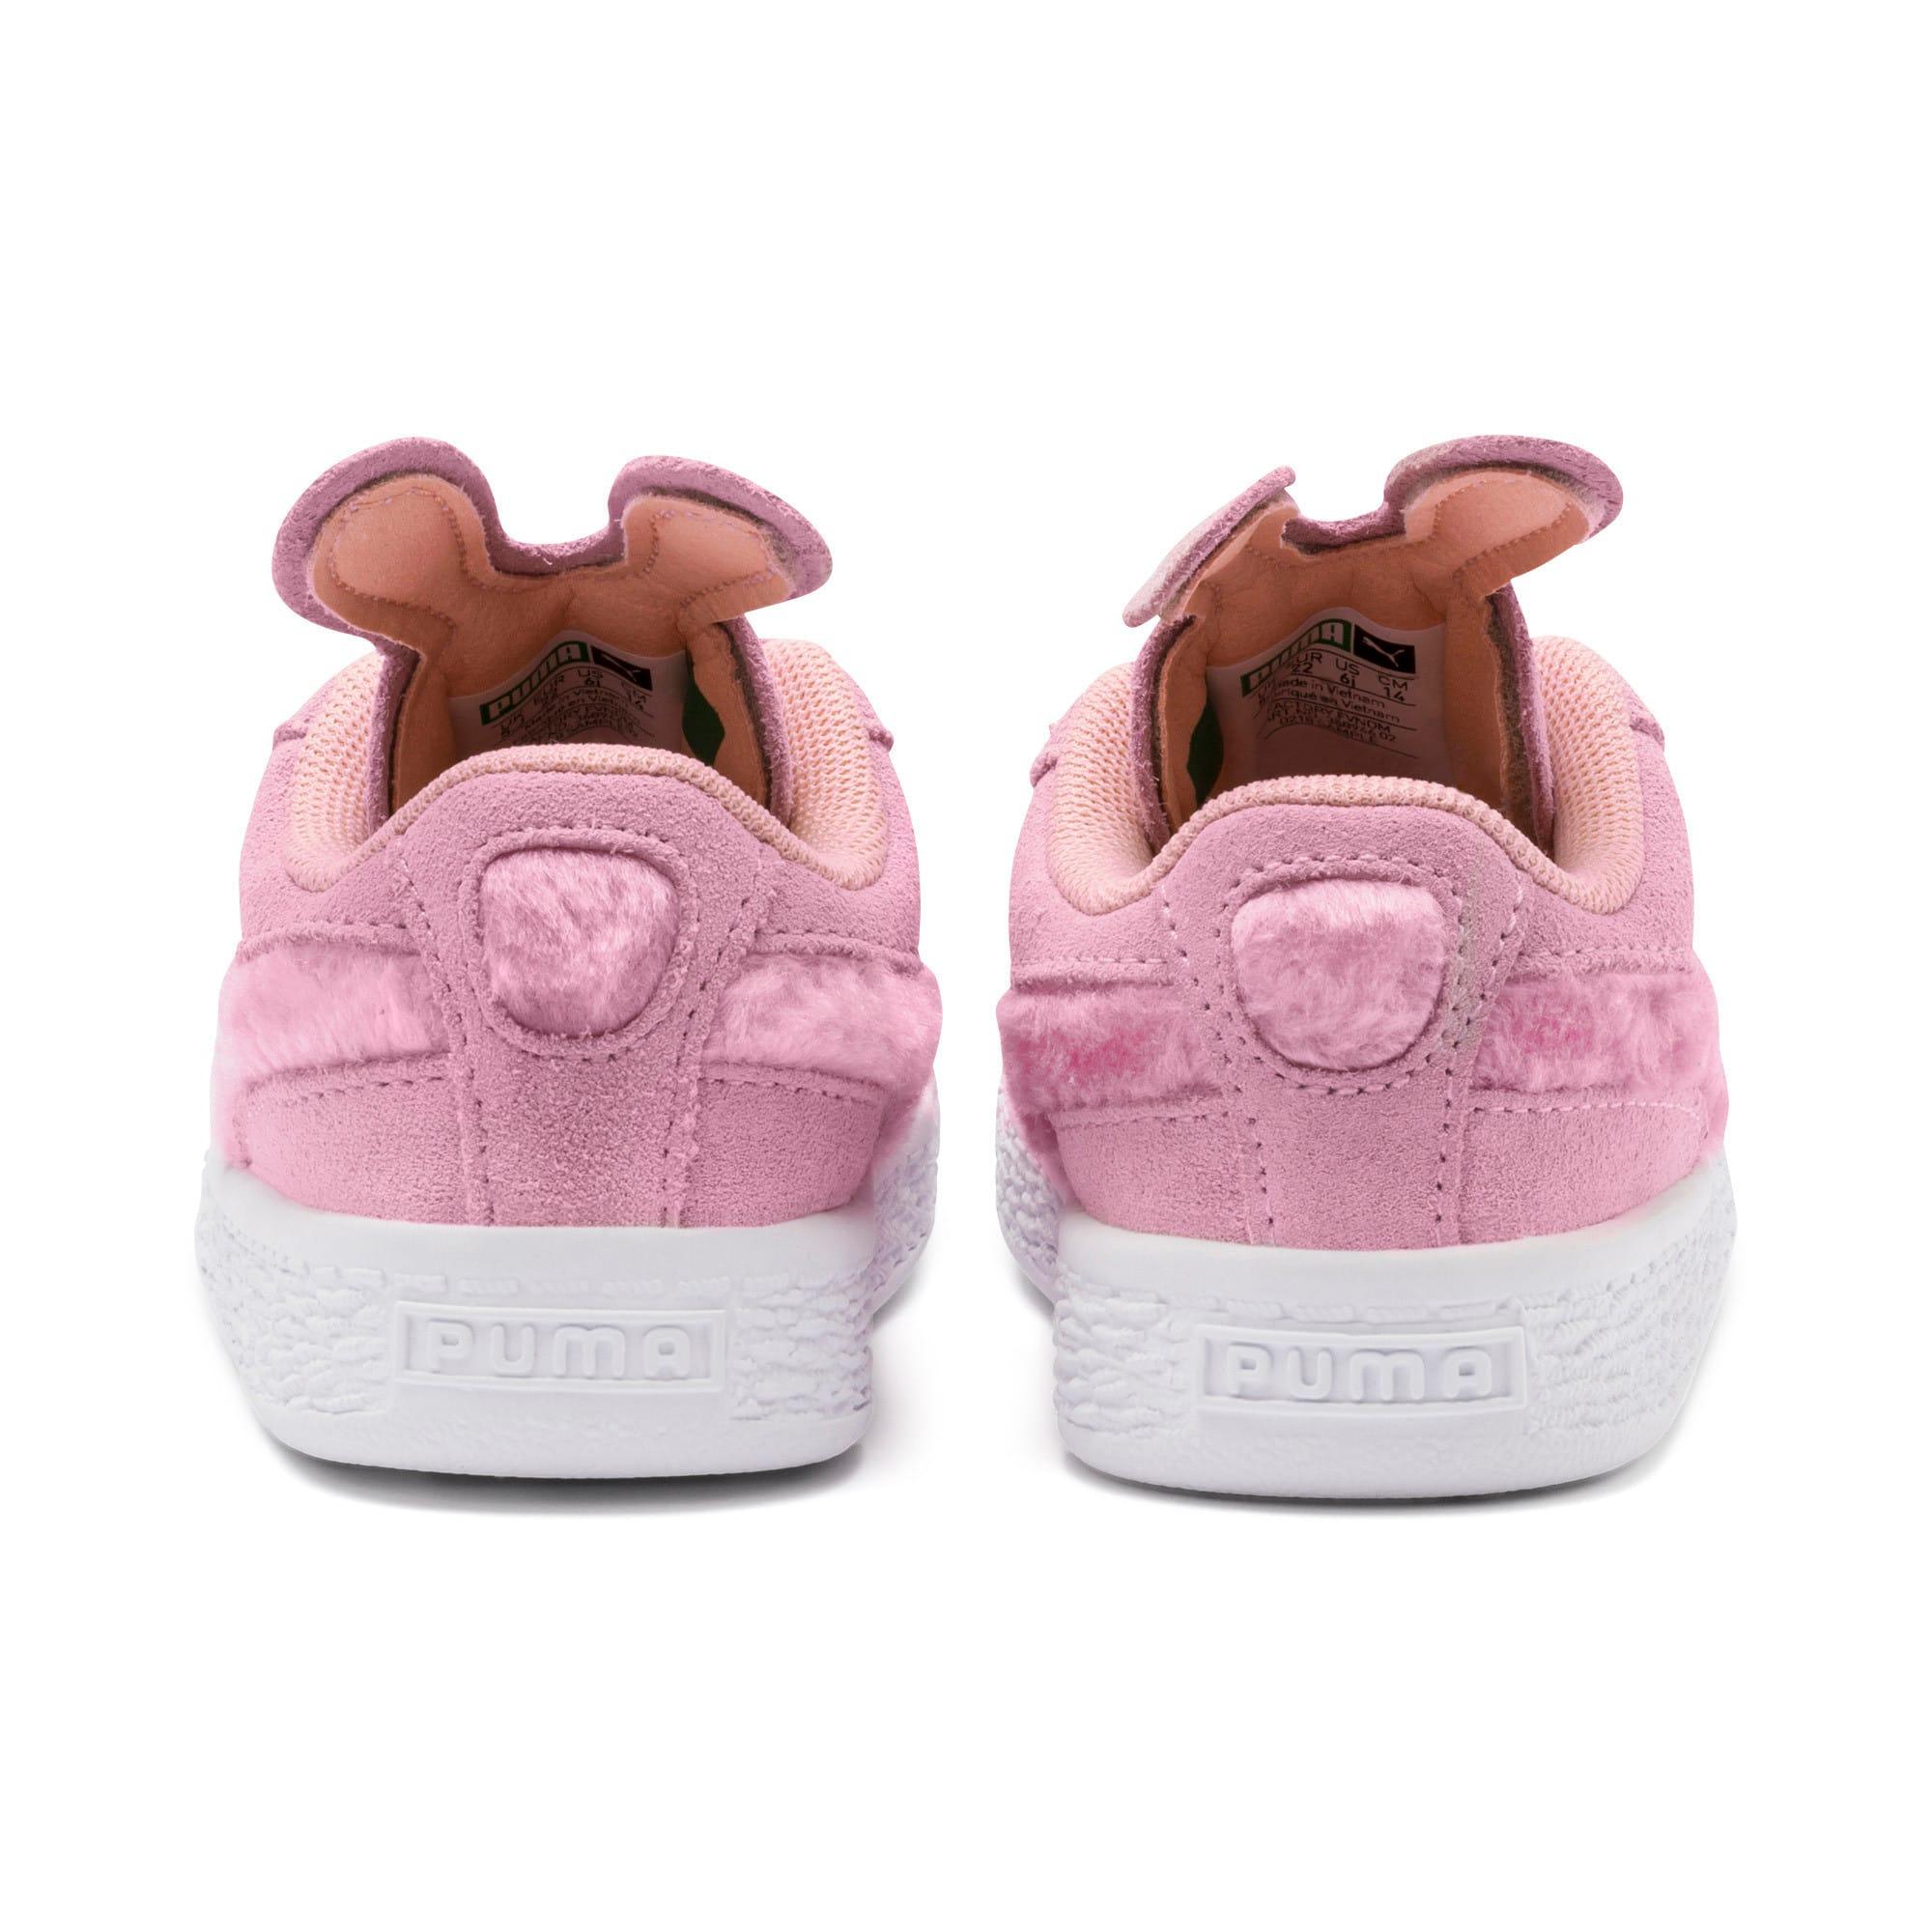 Miniatura 3 de Zapatos Suede Easter AC para niños, Pale Pink-Coral Cloud, mediano